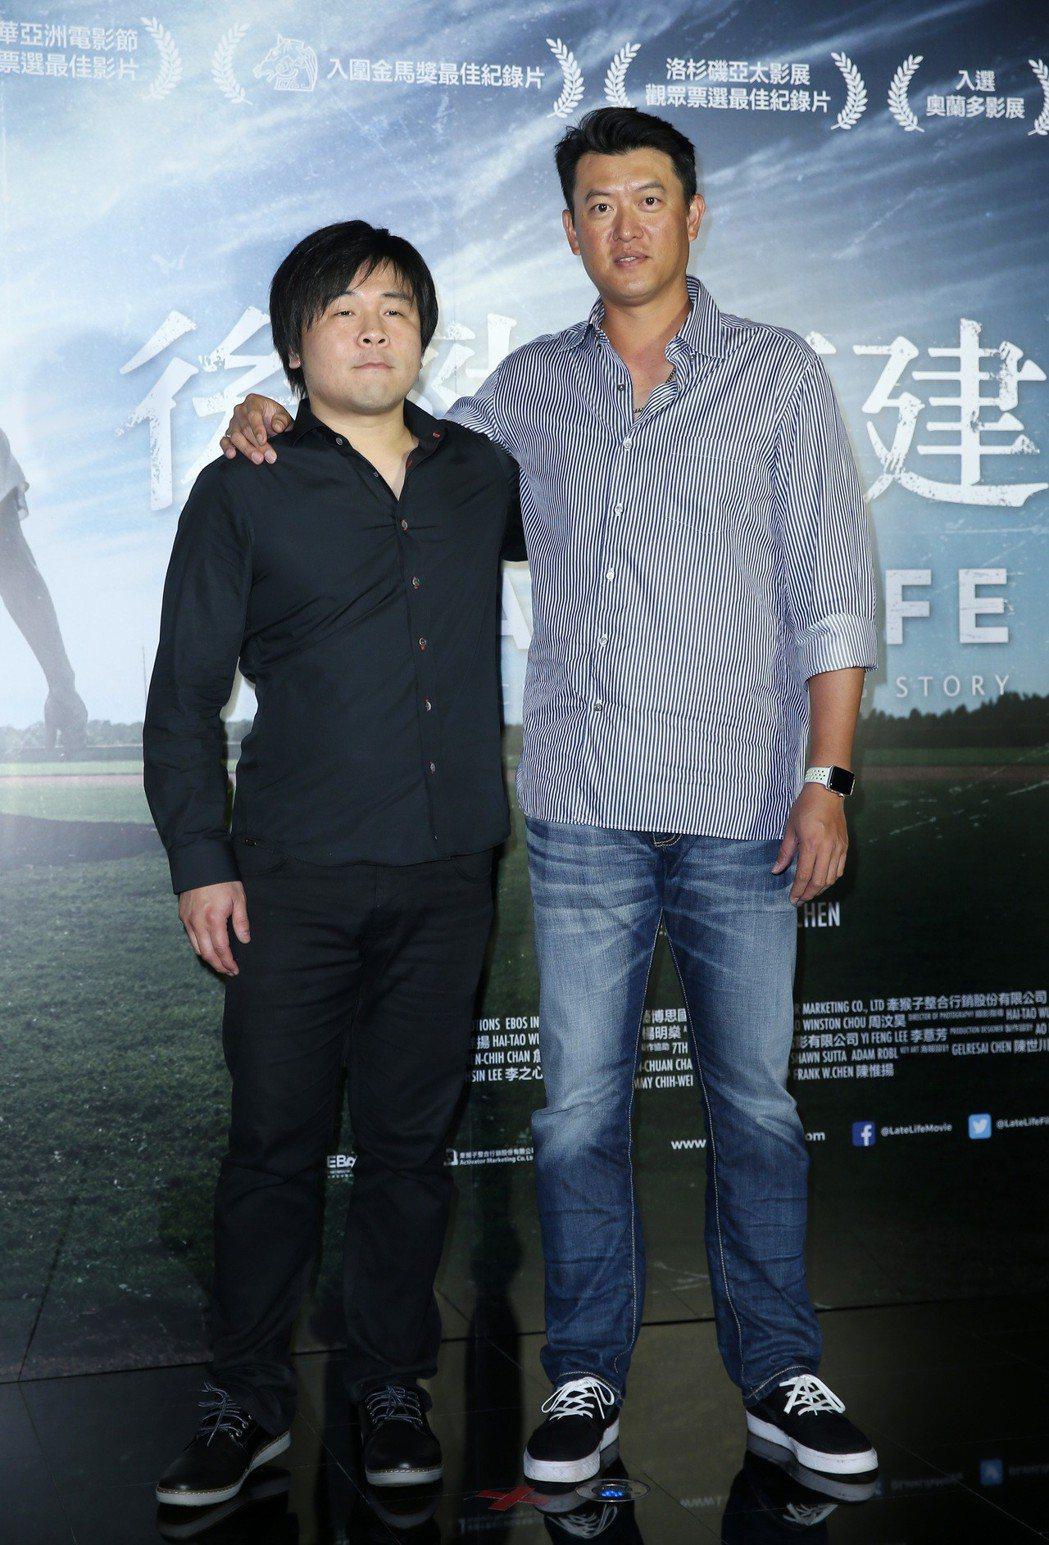 「後勁:王建民」紀錄片,導演陳惟揚(左)、王建民 (右)。記者曾吉松/攝影